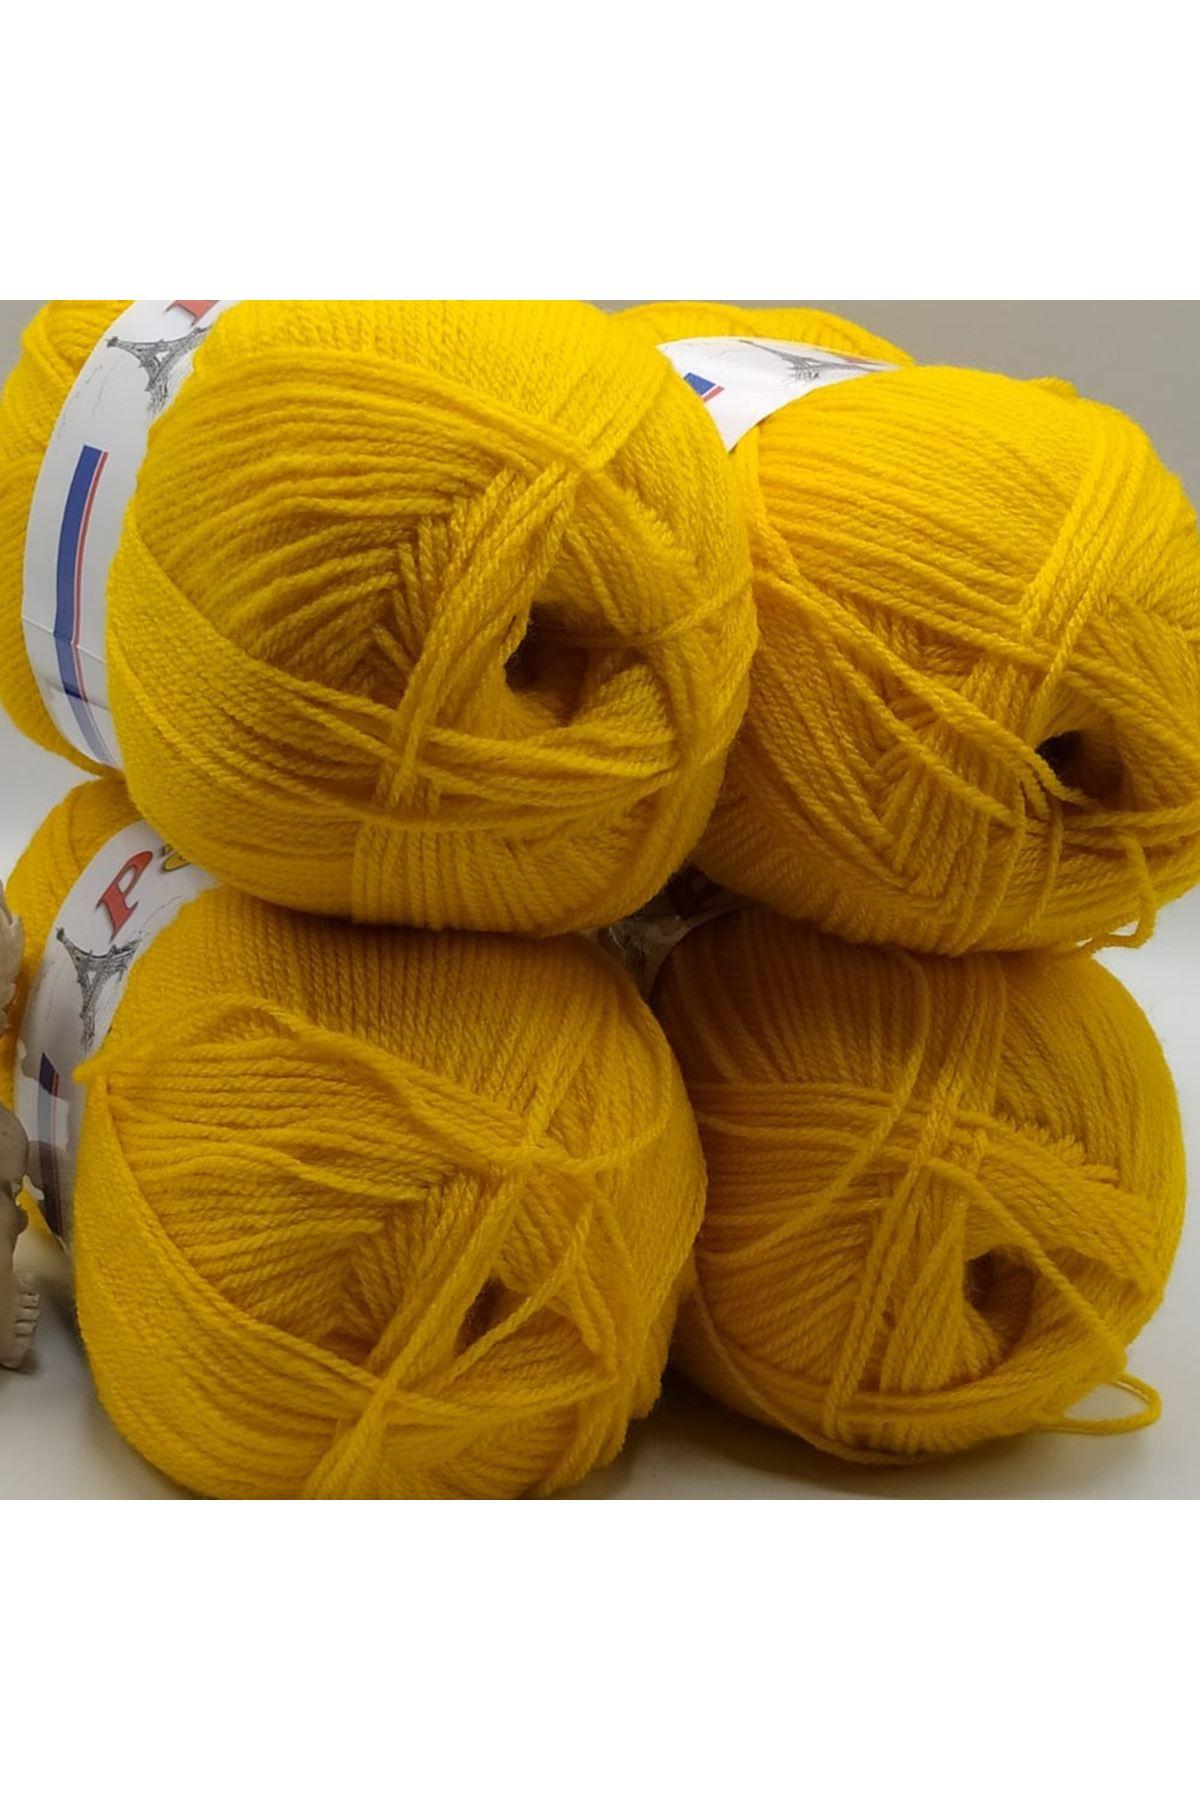 İhraç Fazlası-172- 4'Lü Paket 800-1200 gram Sarı